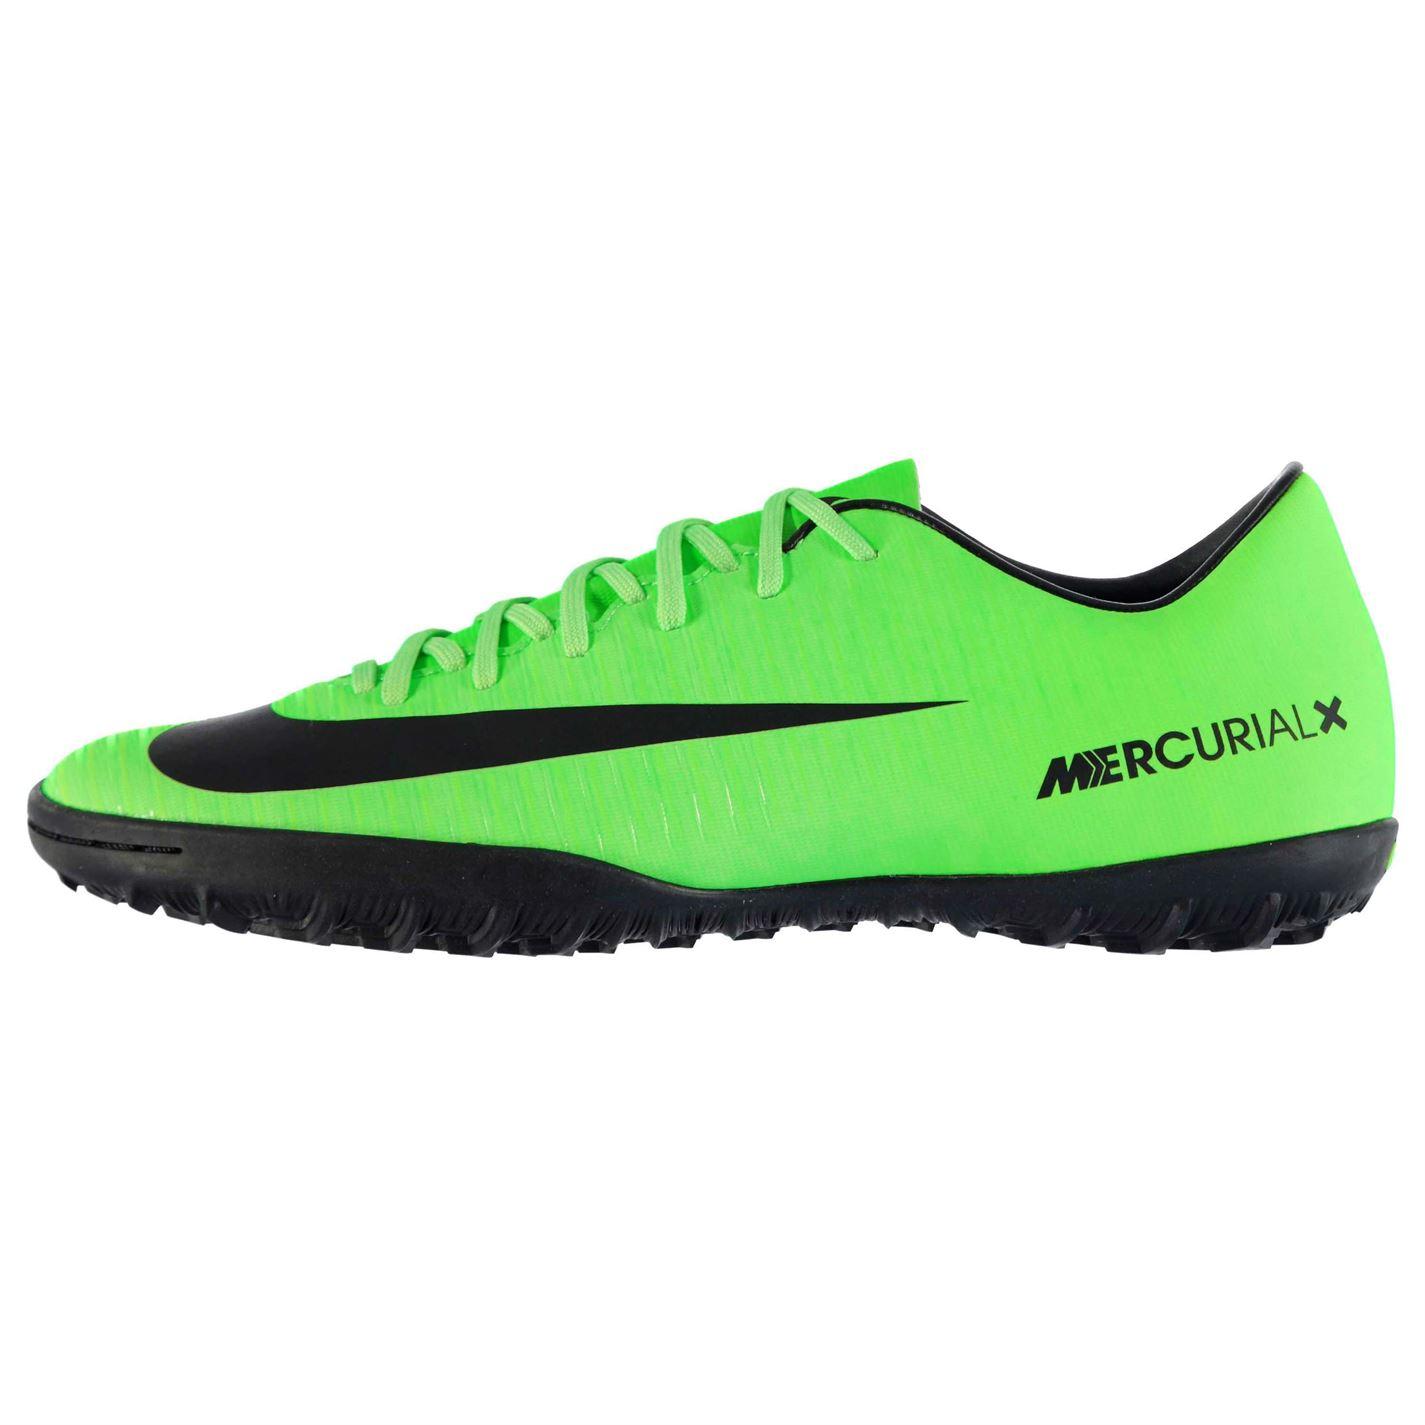 buy online 322ee 17013 Nike Mercurial Victory Astro Turf Trainers Mens